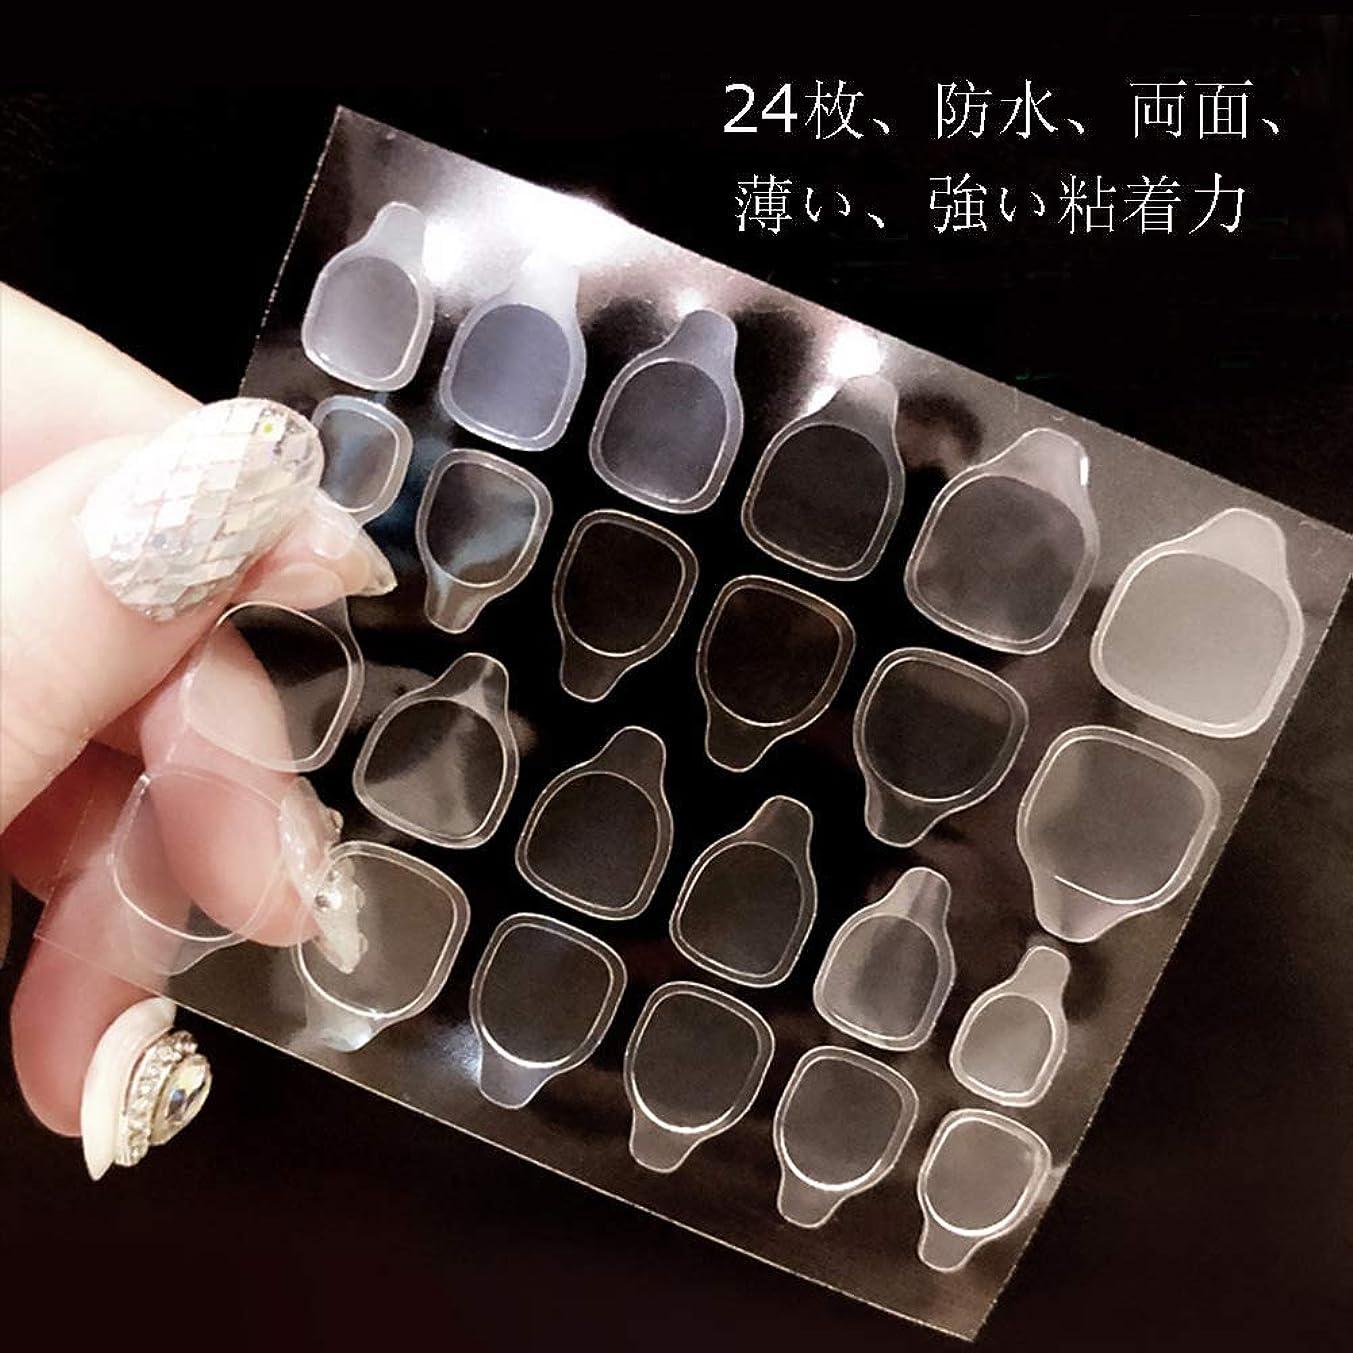 スズメバチこしょう受粉者HHMツール 240枚12サイズ 防水 両面 薄い 強い粘着力 マニキュア ネイルチップの 粘着テープ ゲルテープ 強力 透明 ゼリー アイテム 用品 つけ爪を接着するテープ ステッカー ネイル接着剤